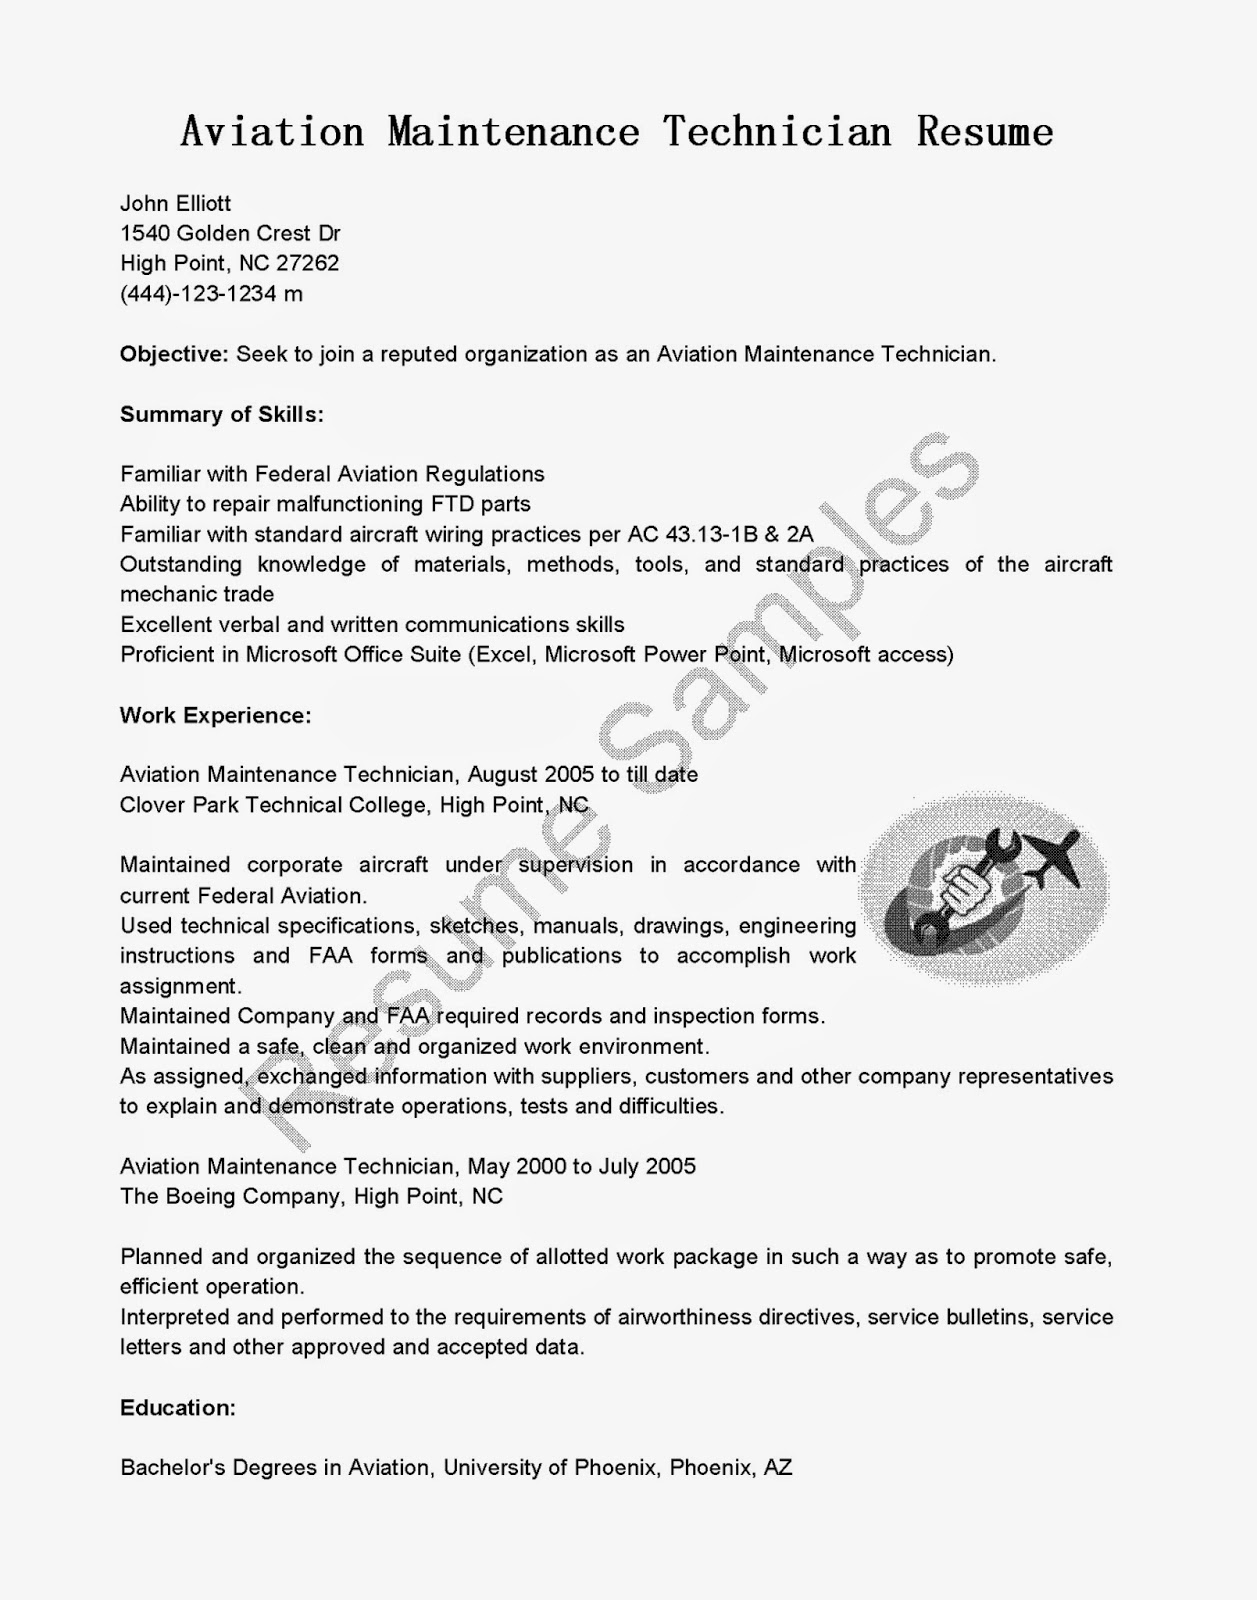 Resume Sample Resume Blood Bank Supervisor Blood Bank Manager Cover Letter  Swot Matrix Template Word Doc650798